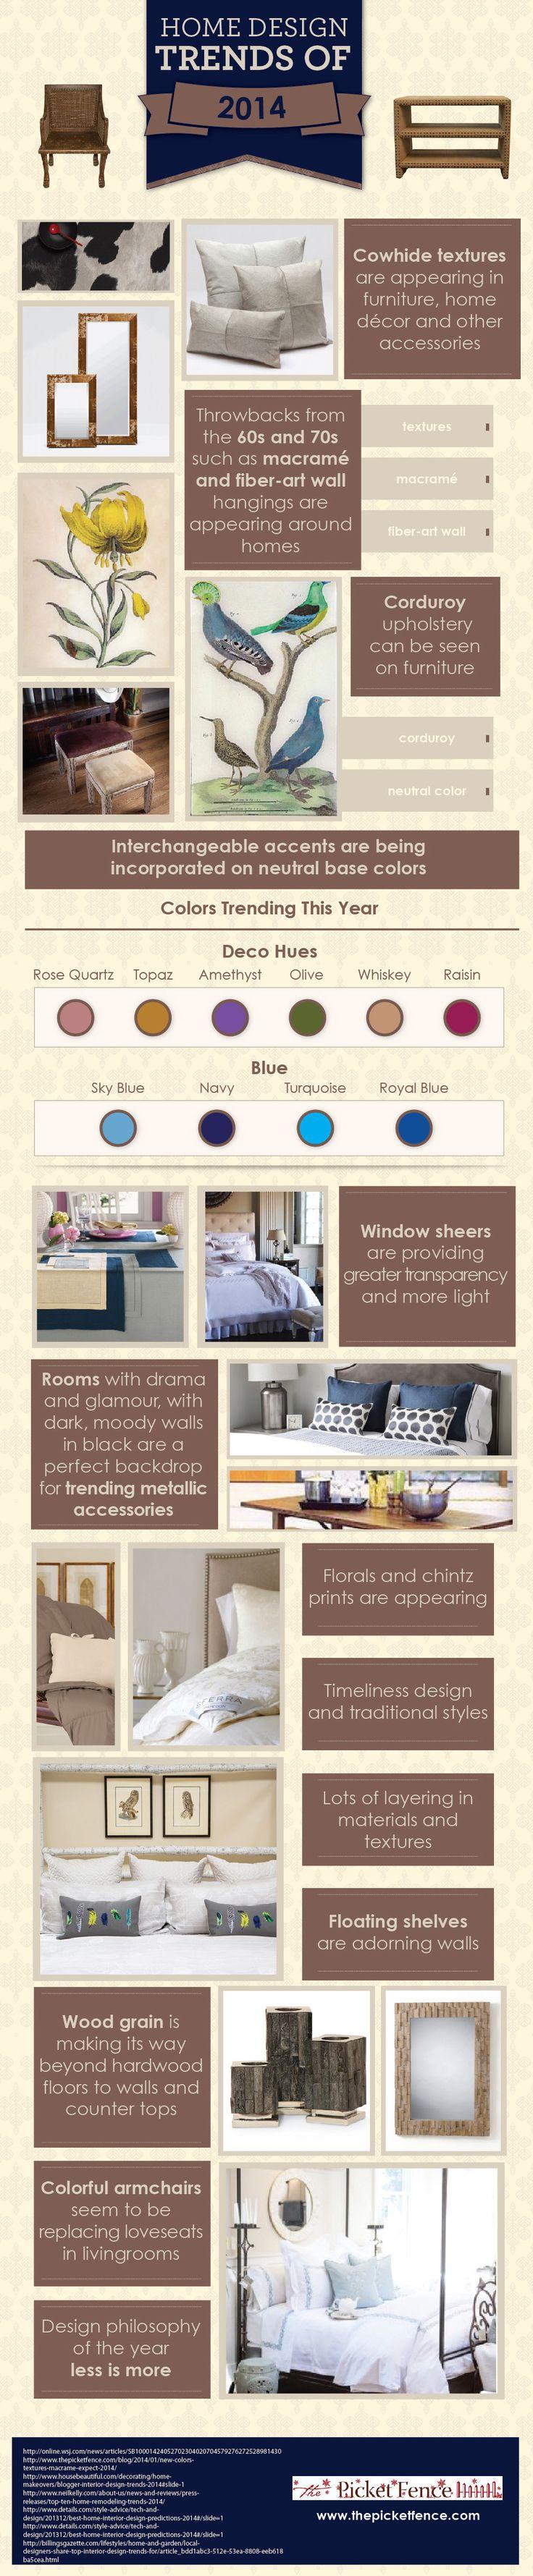 Home Design Trends o